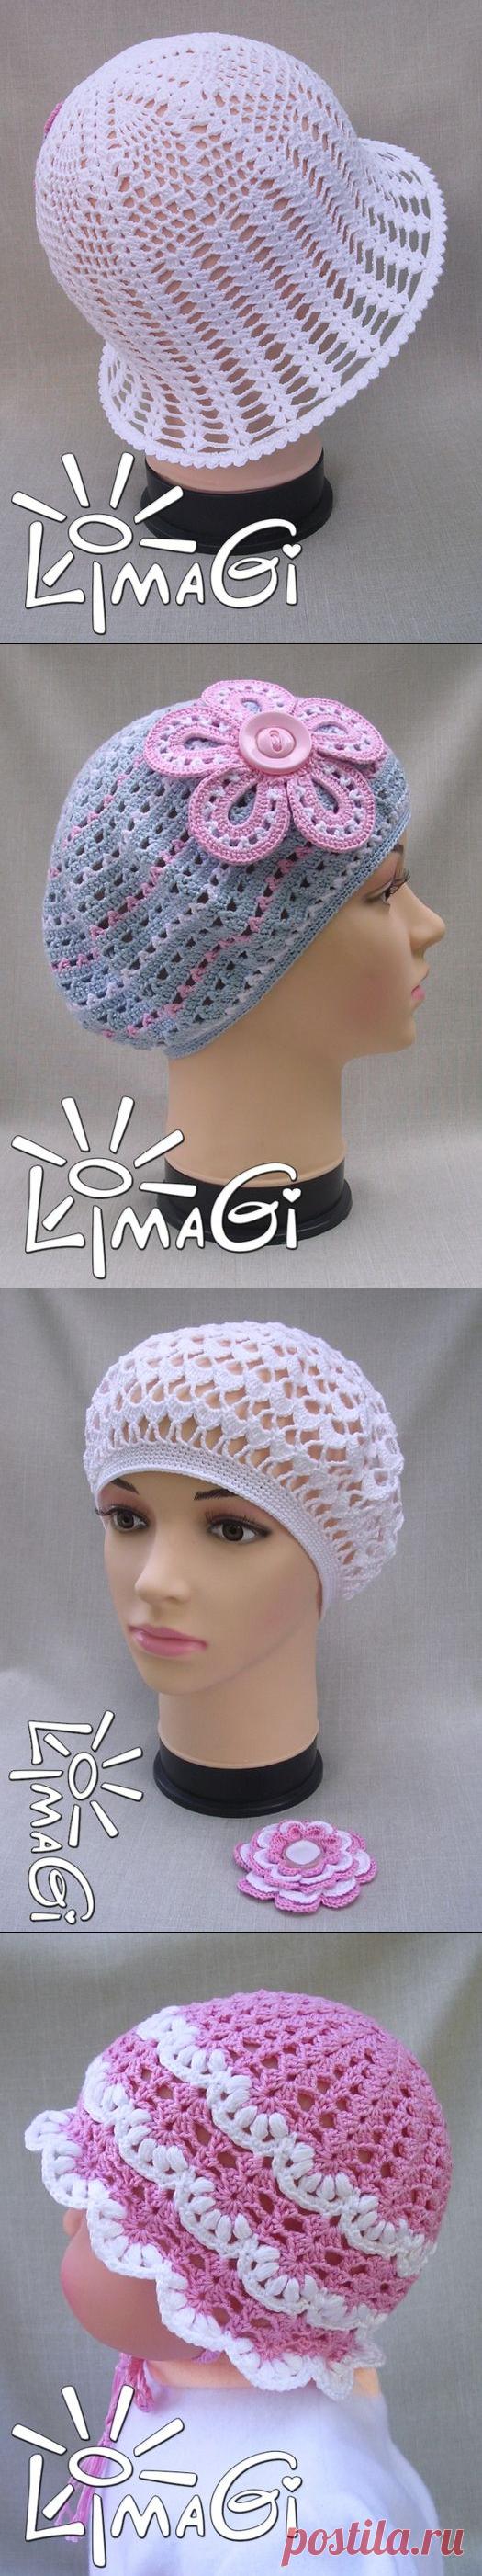 Подборка шапочек крючком от LimaGi